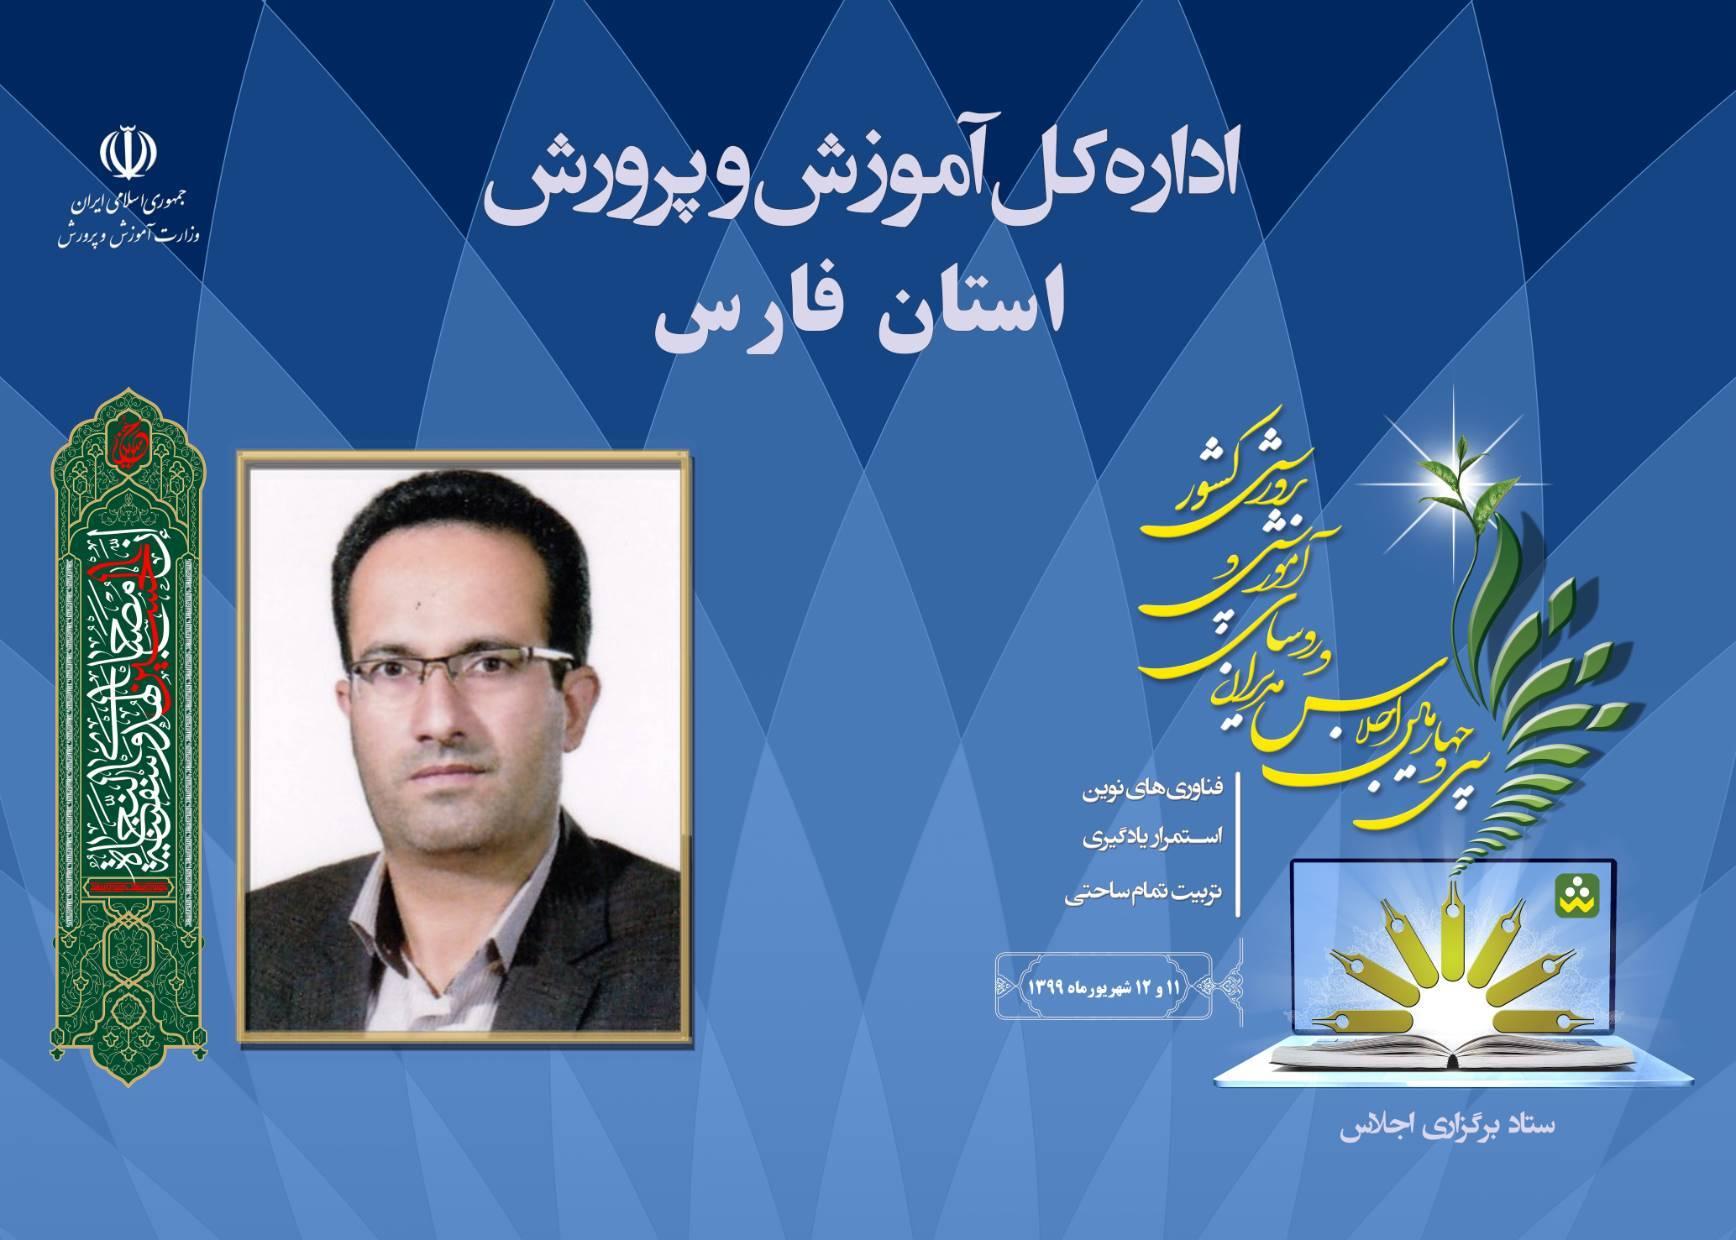 رئیس آموزش و پرورش اقلید استان فارس در حاشیه اجلاس سراسری روسای ادارات آموزش و پرورش کشور